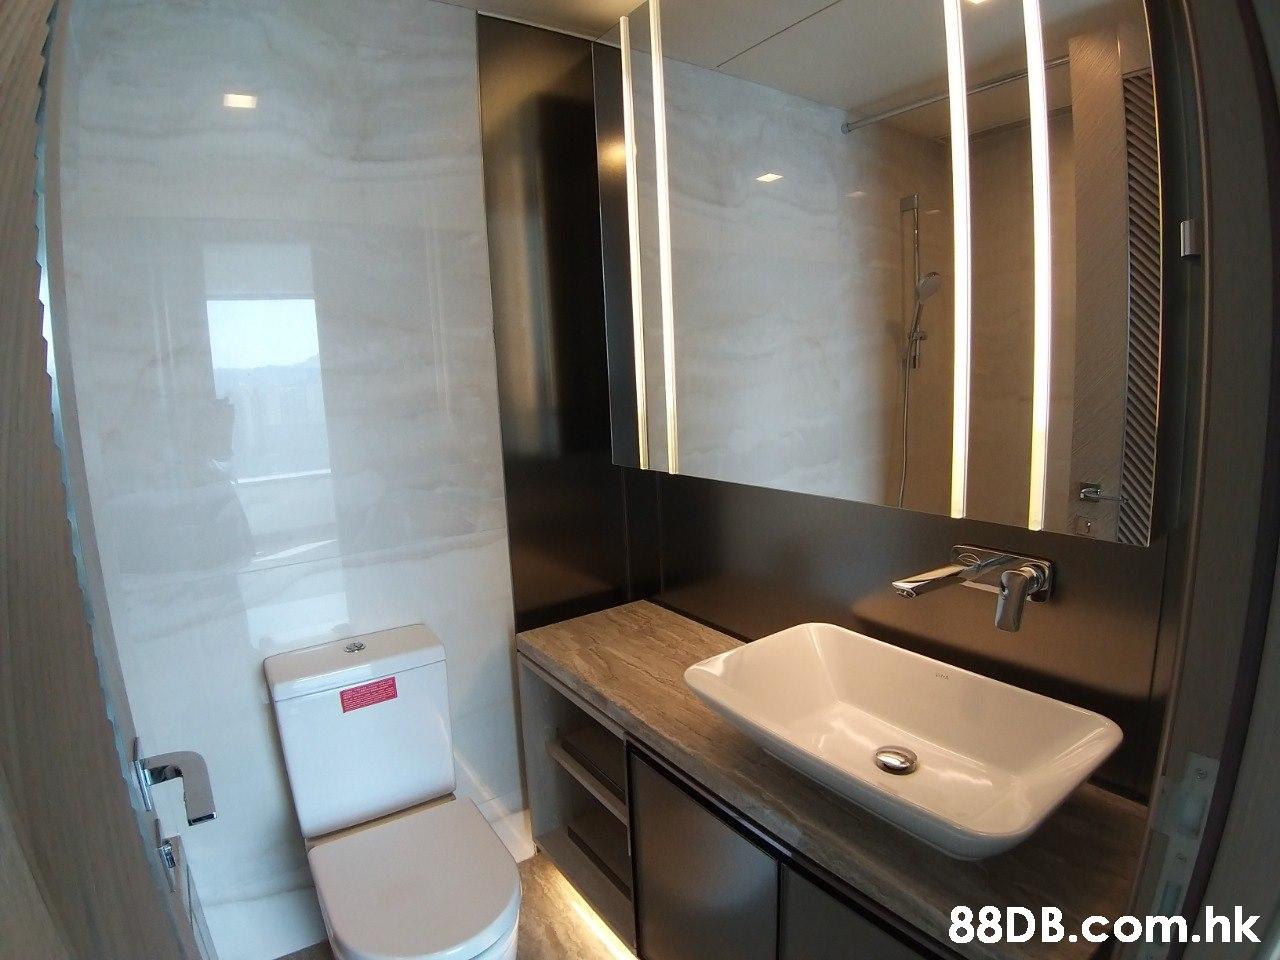 .hk  Property,Bathroom,Room,Plumbing fixture,Toilet